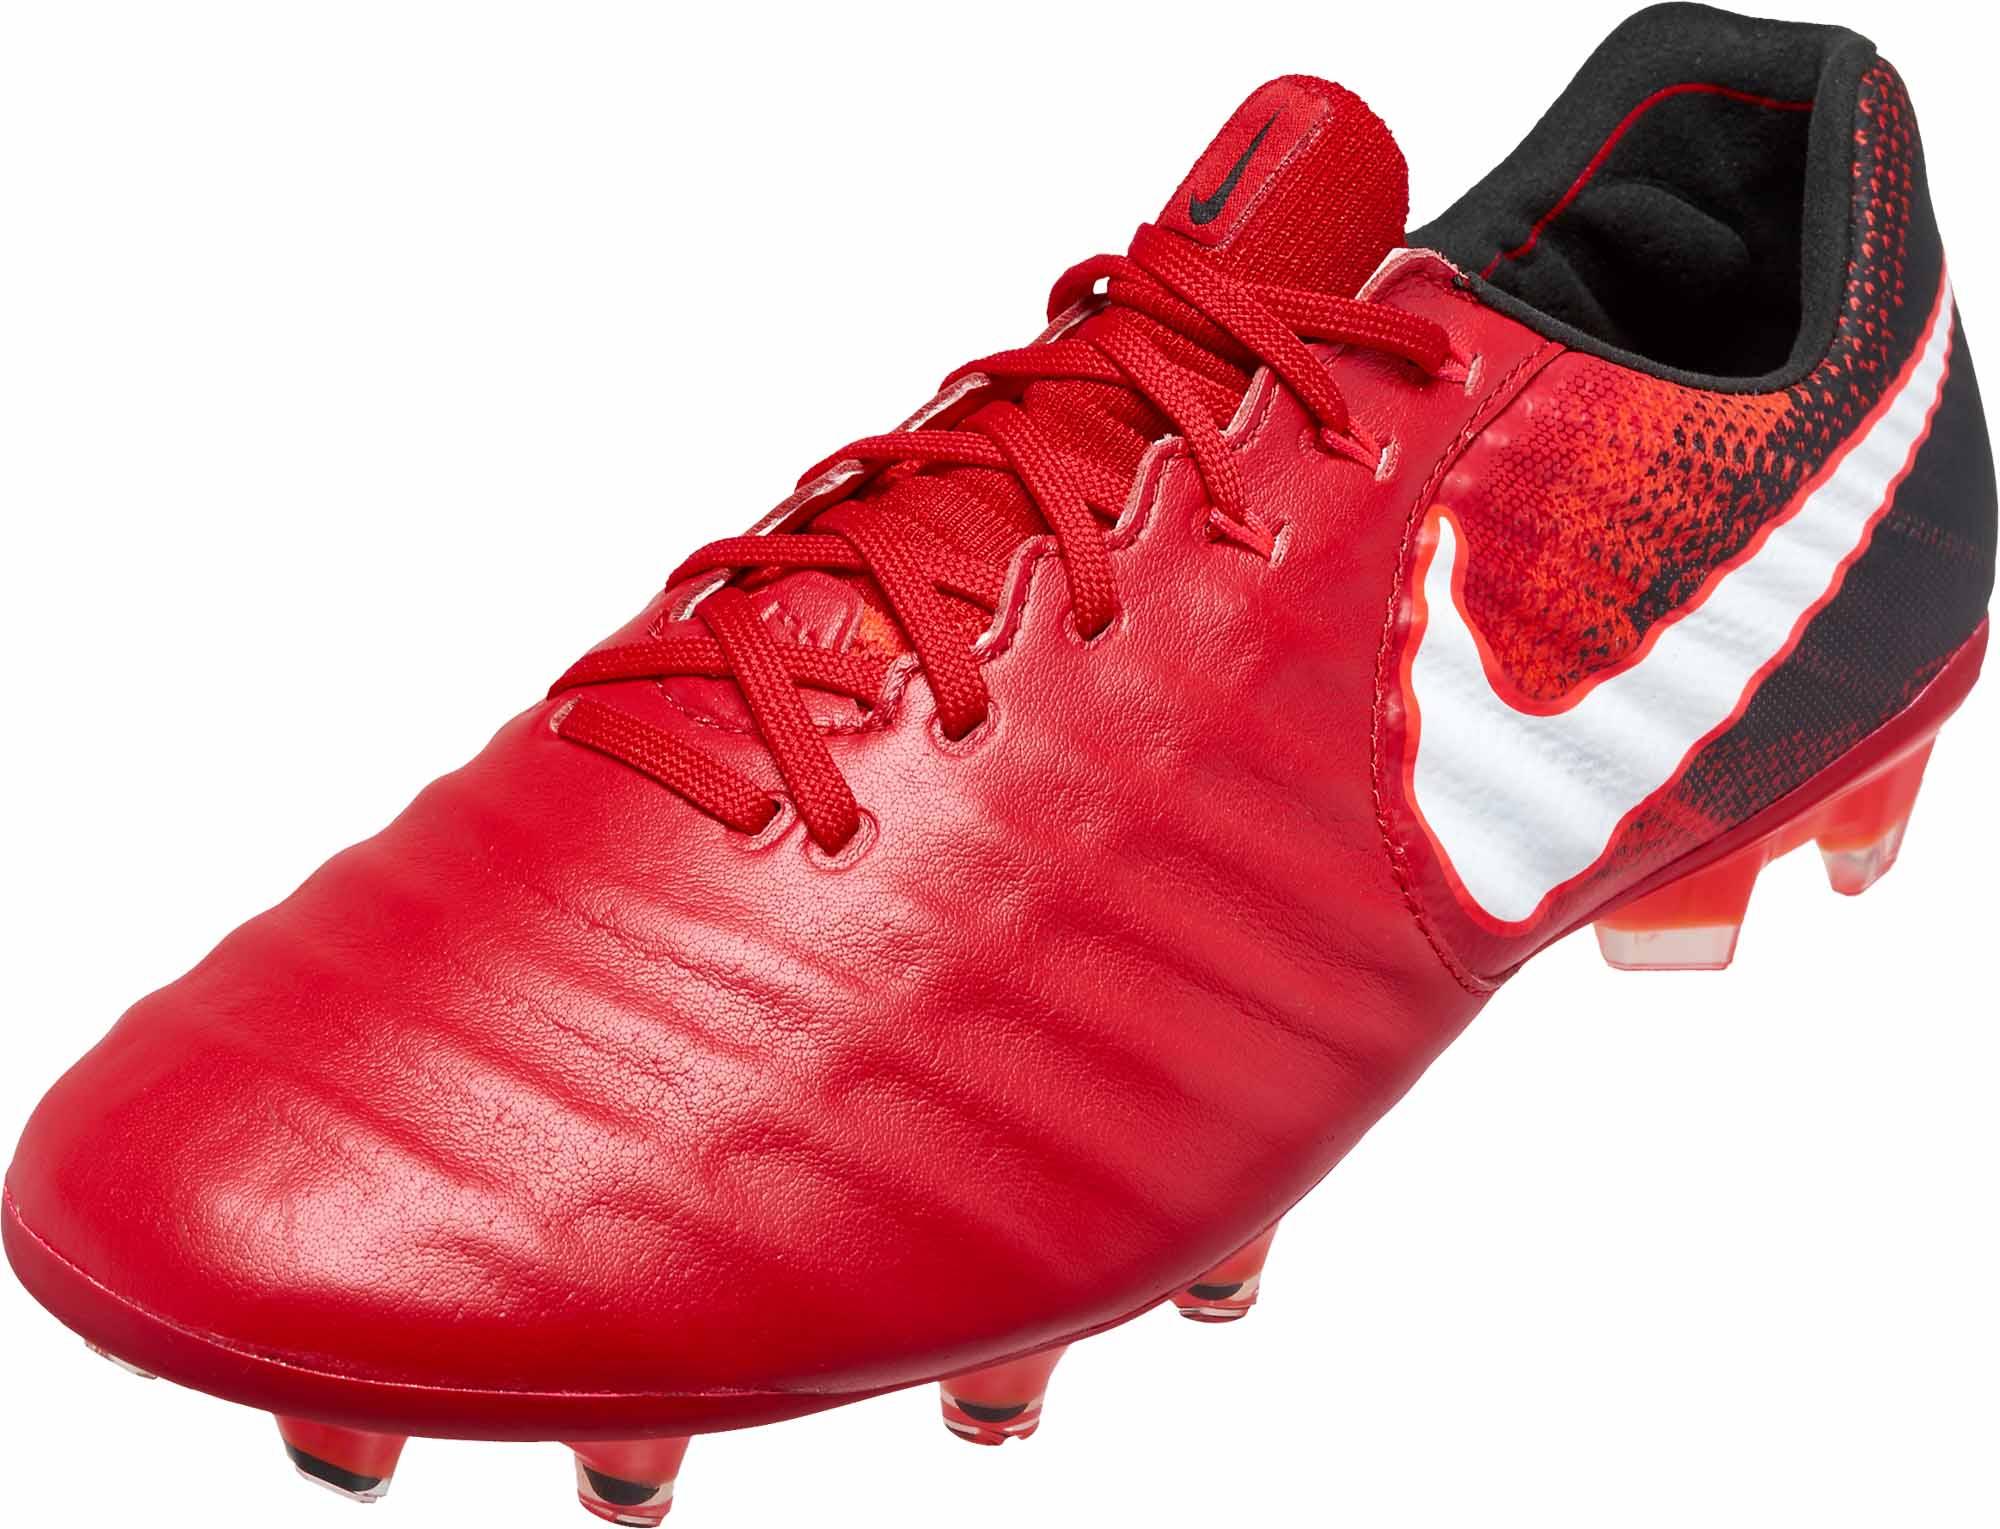 new arrival 2772e 5a622 Nike Tiempo Legend VII FG – University Red/White